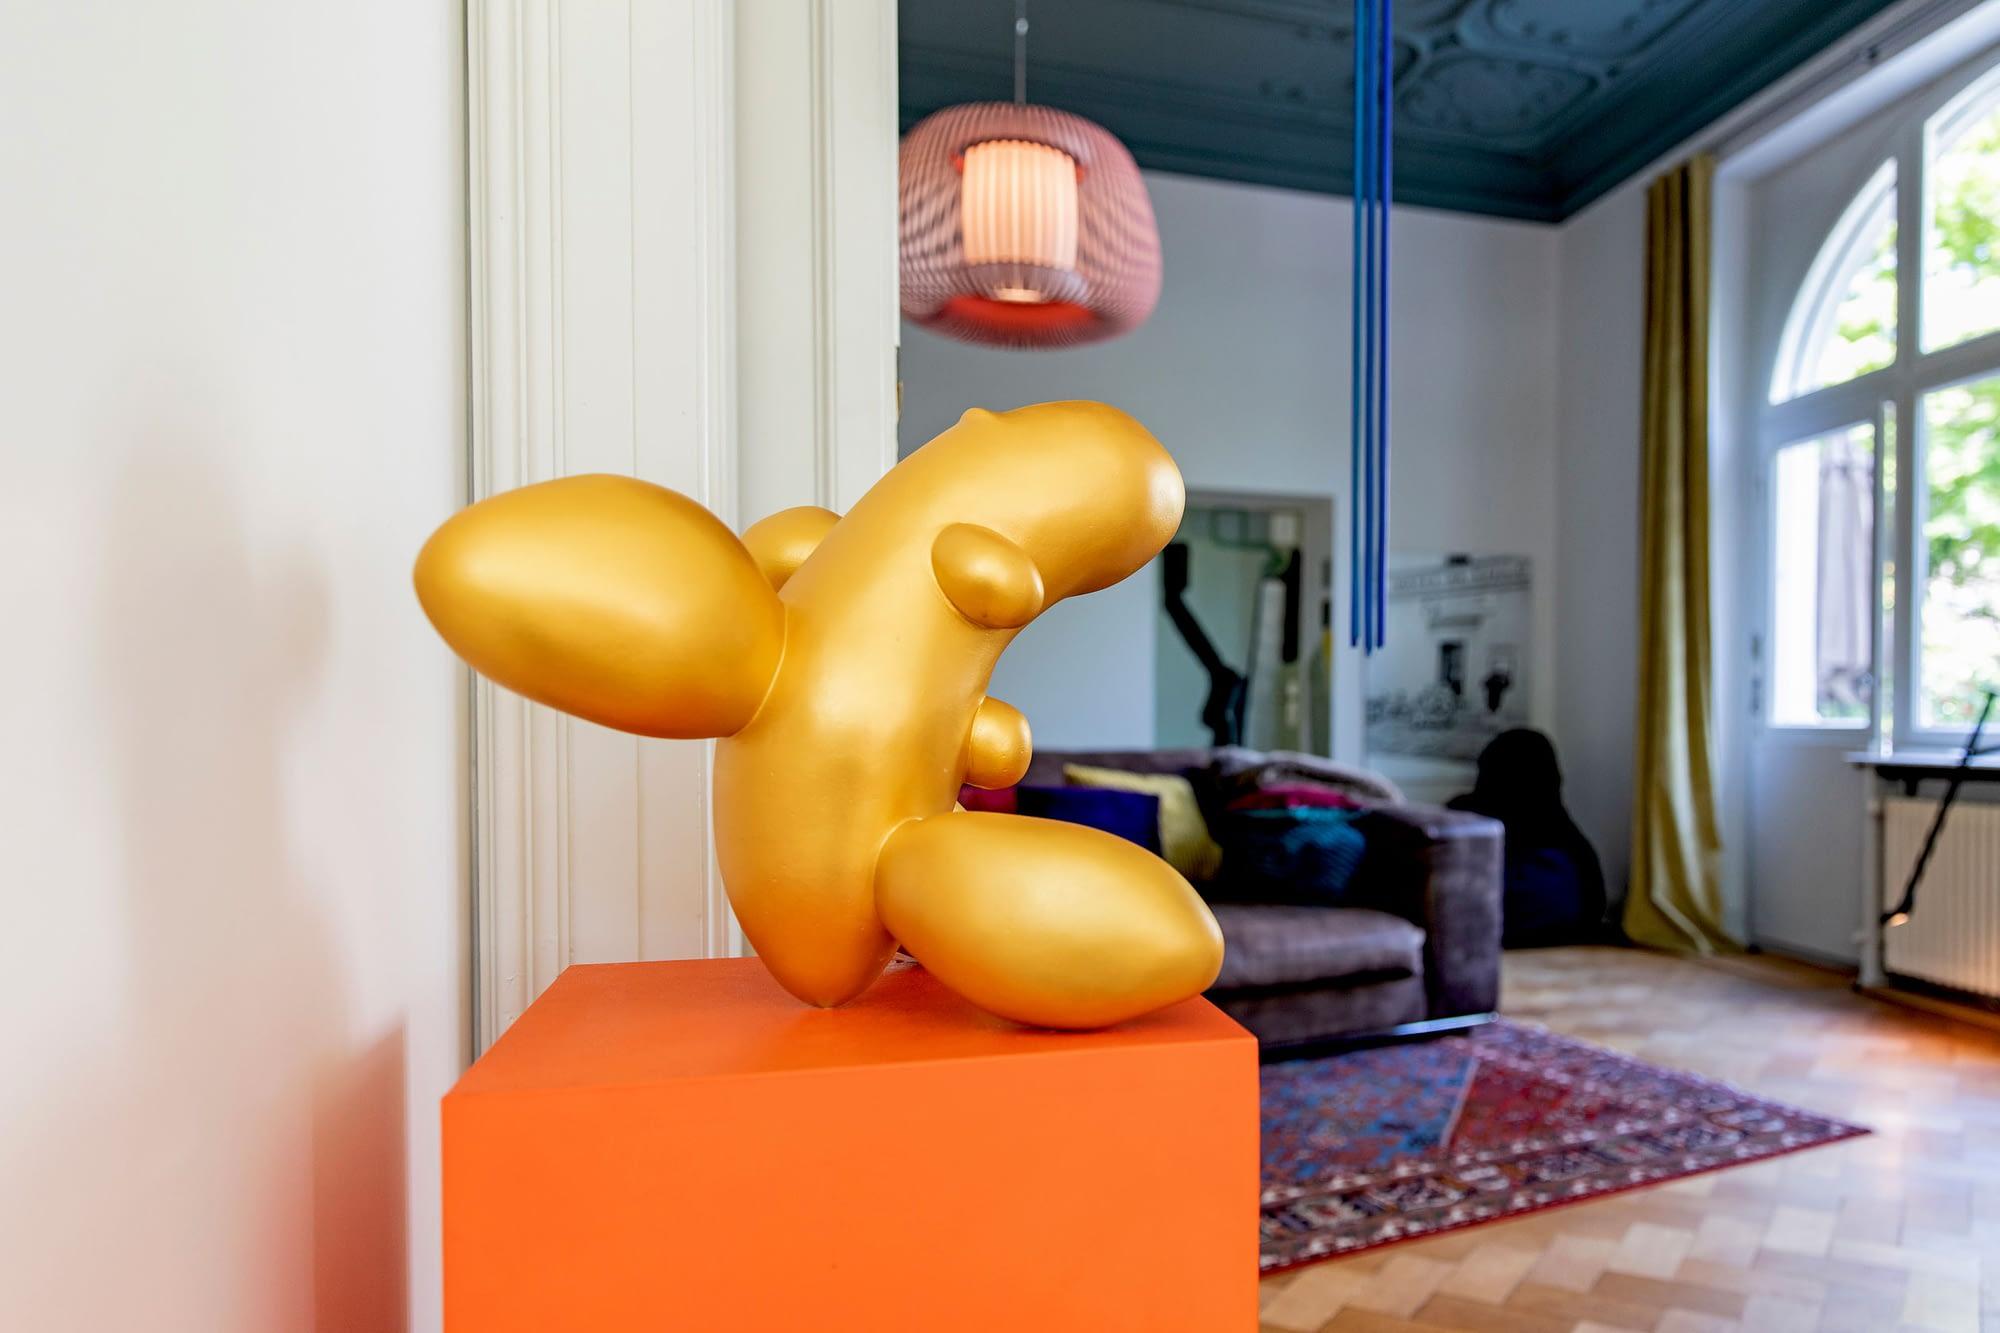 Die Skluptur die heilige Kartoffel in Gold im Zusammenhang mit dem Farbkonzept fuer das Wohnzimmer